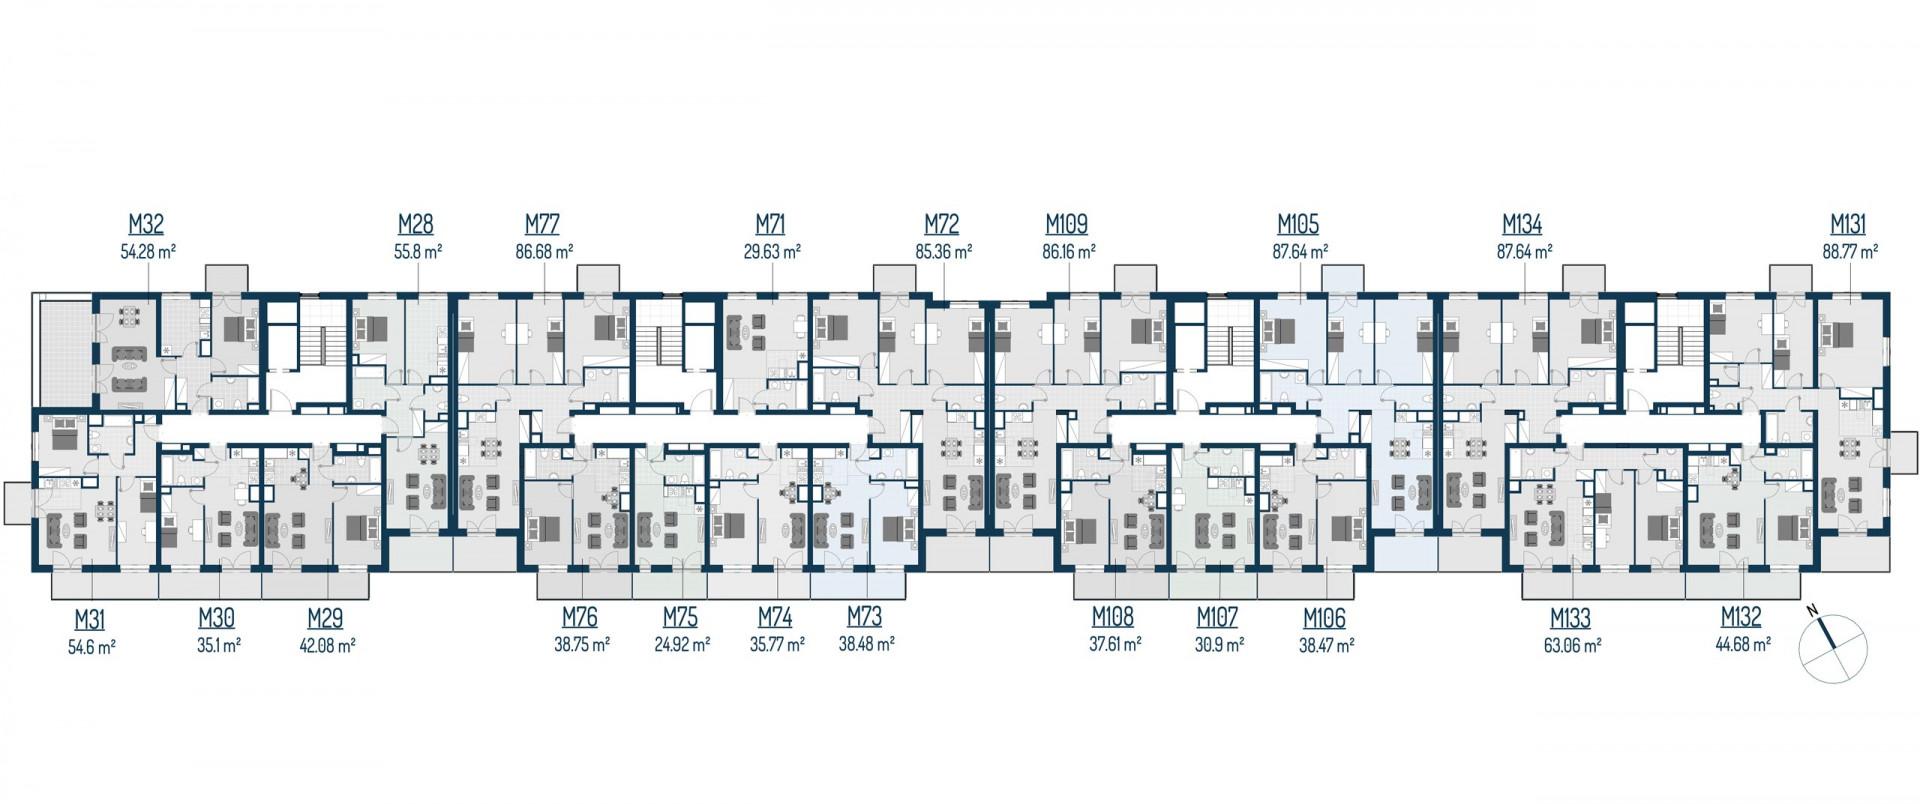 Zdrowe Stylove / budynek 2 / mieszkanie nr 28 rzut 2